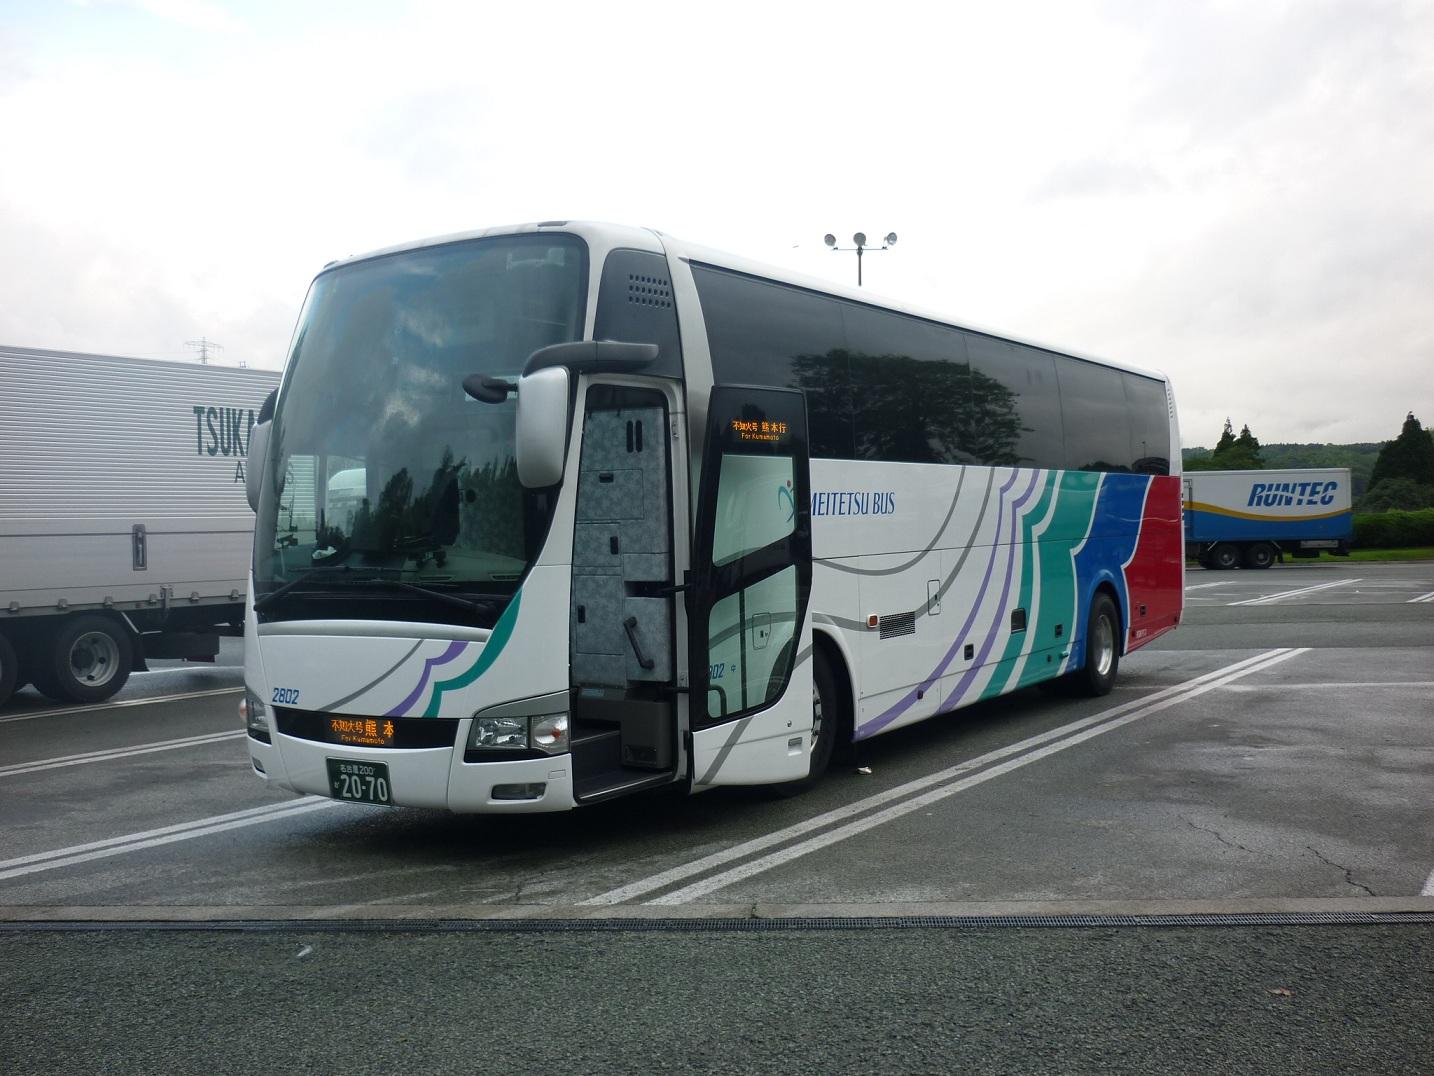 不知火号 - バス乗車記 バス乗車記 高速バス・夜行バス・長距離バスの乗車レビューです トップペ